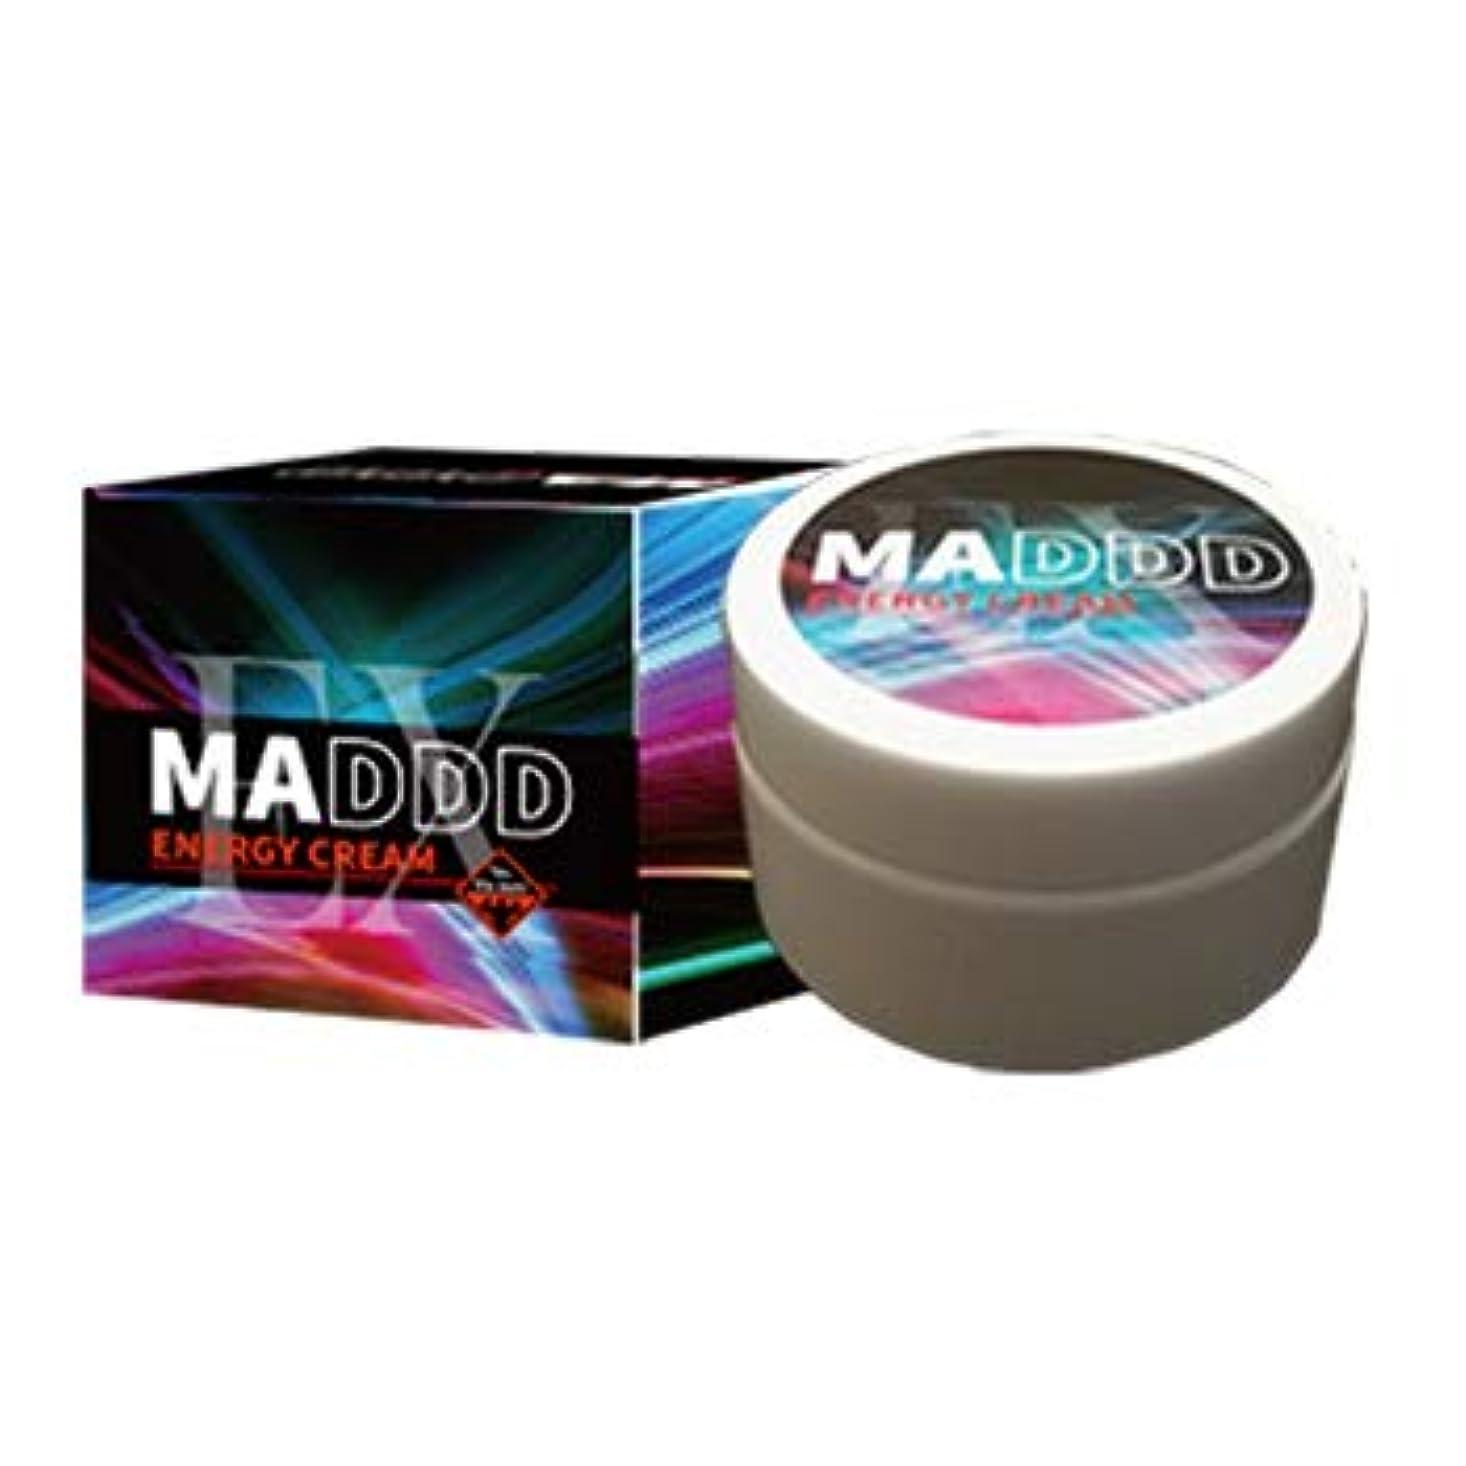 円形親密なとらえどころのないMADDD EX 増大クリーム 自信 持続力 厳選成分 50g (大人気3個セット)